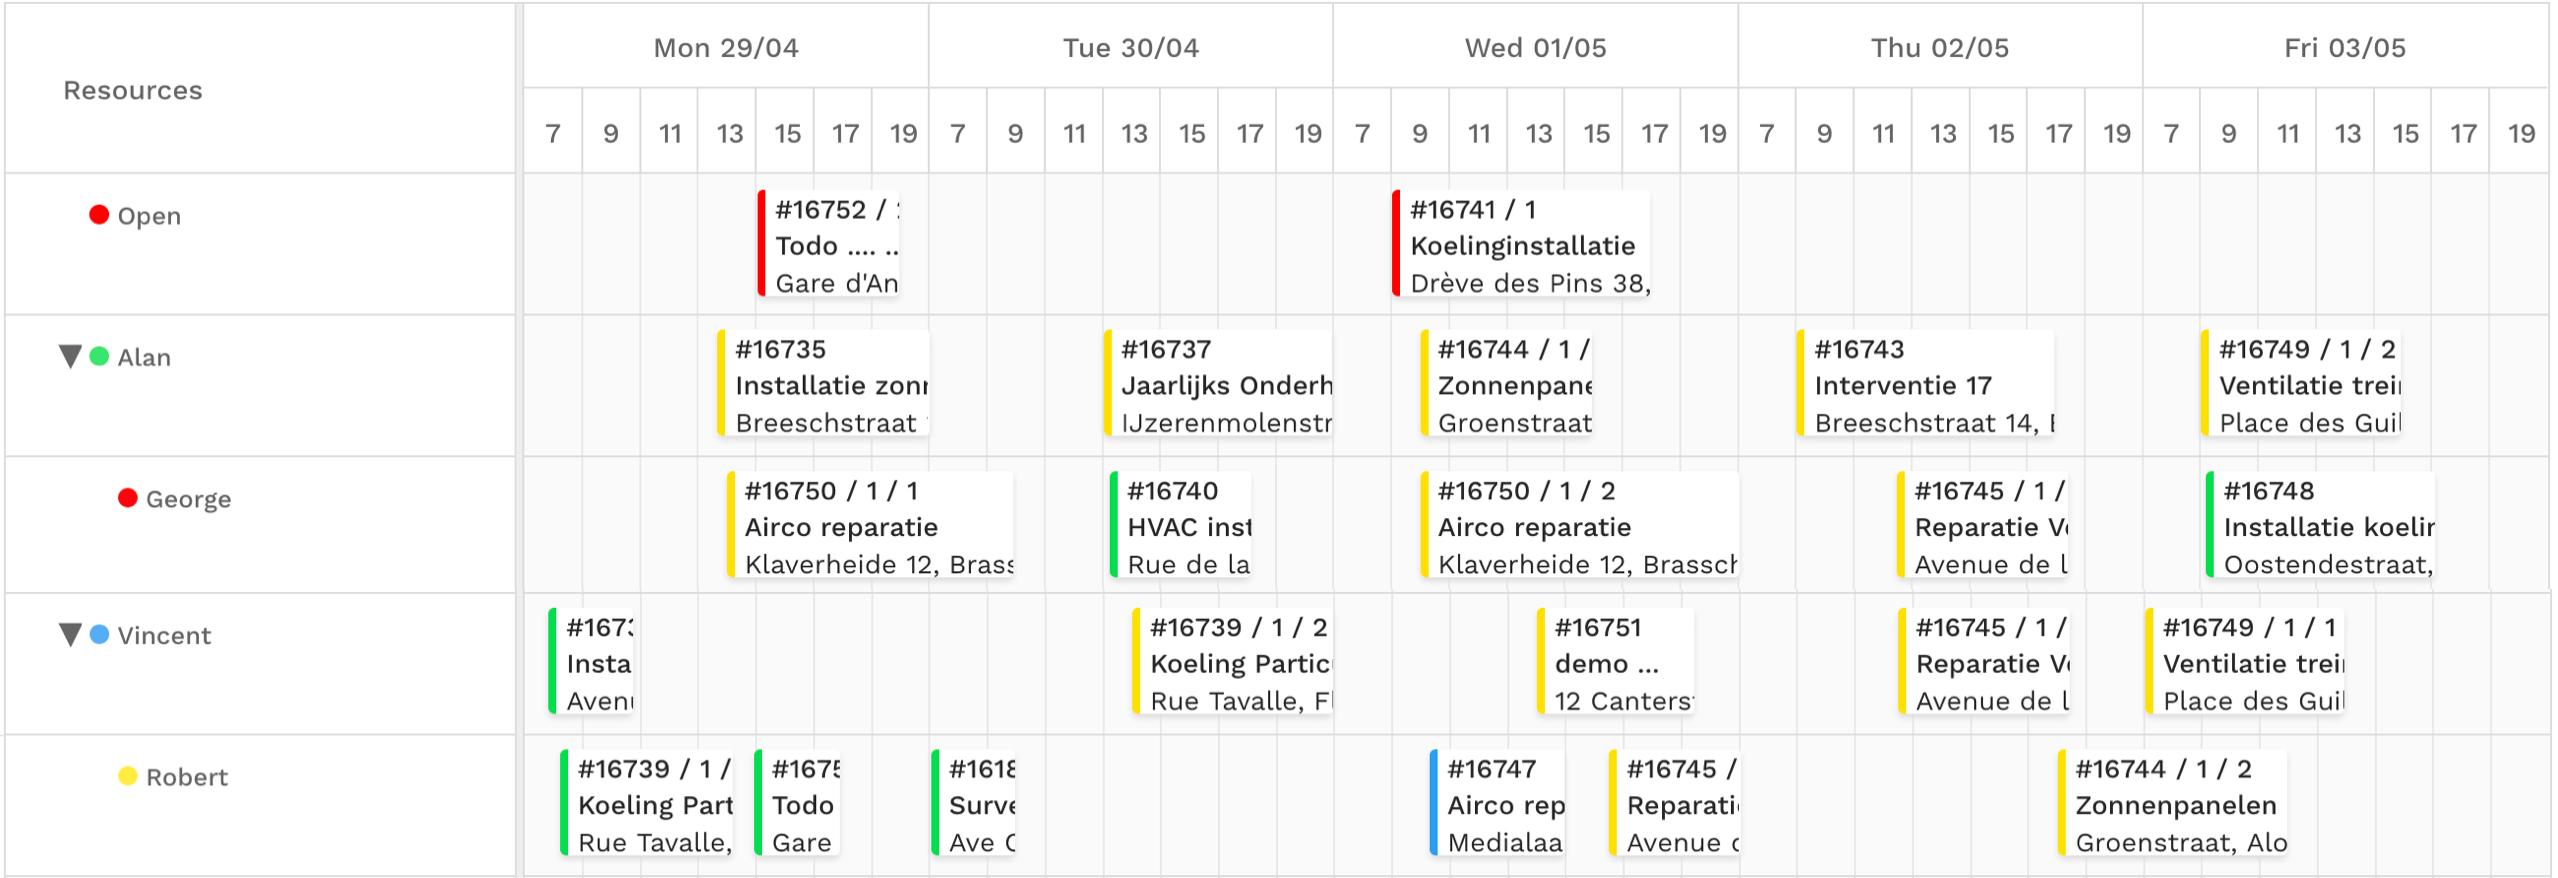 View of Yuman week planning